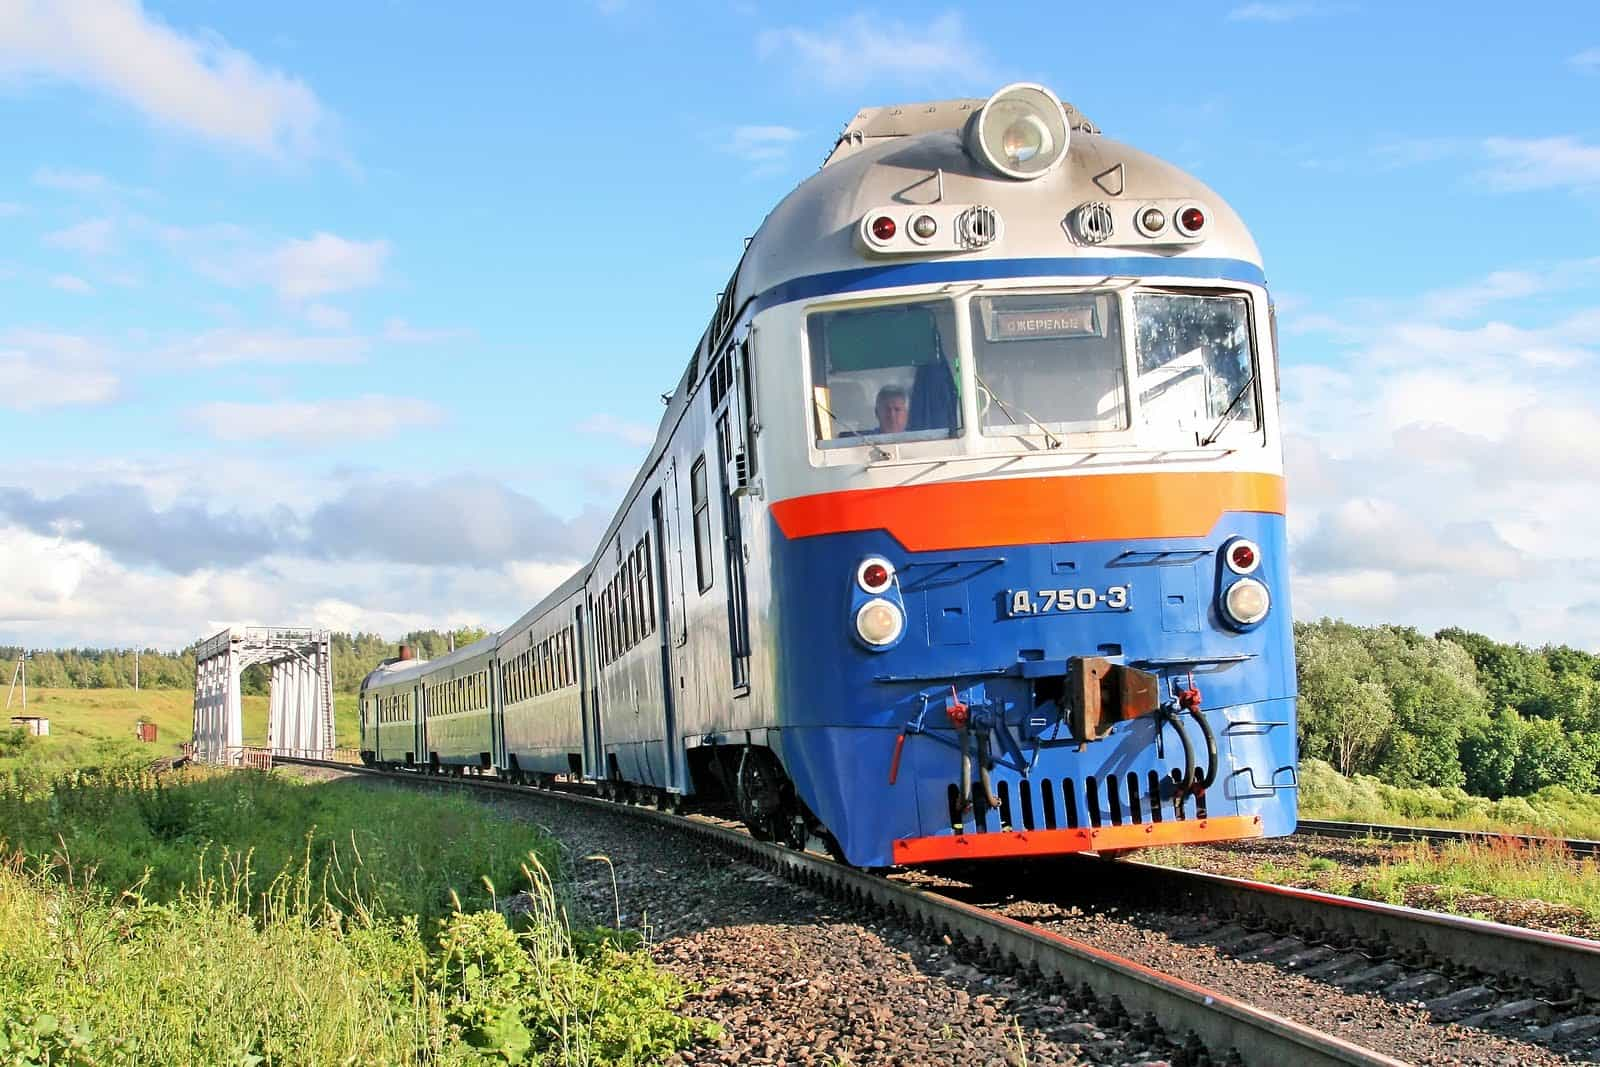 Картинки по запросу Сонник: поезд. К чему снится поезд по соннику